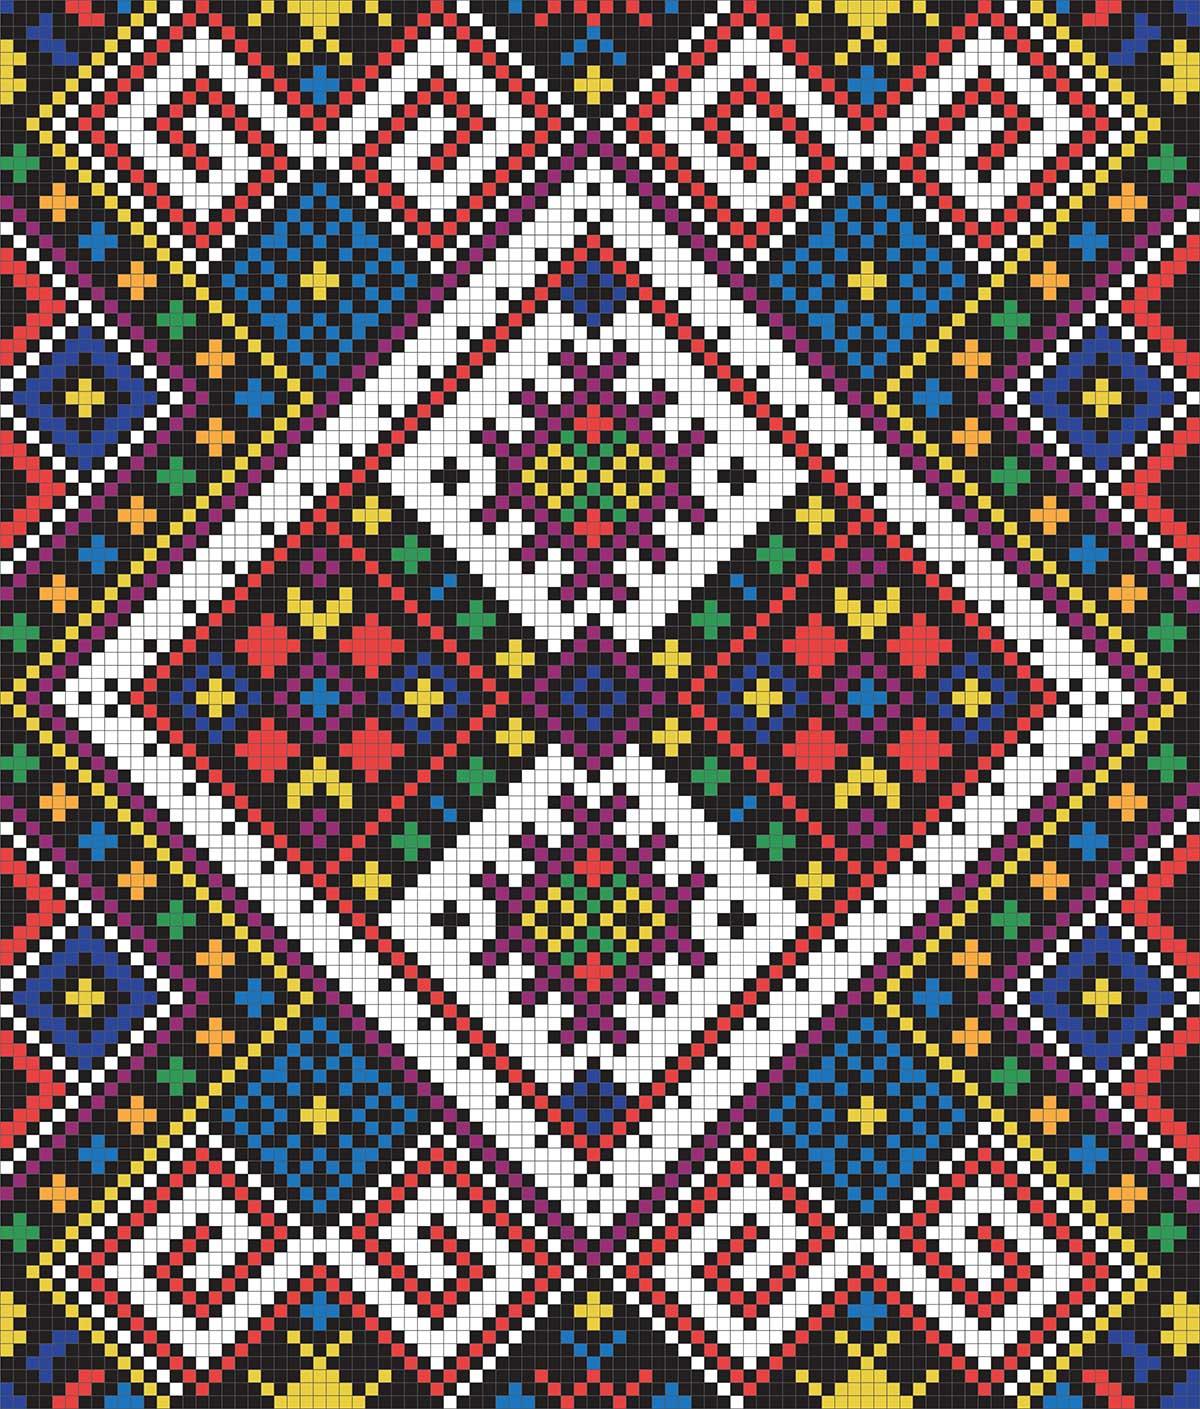 Орнамент украинской вышивки